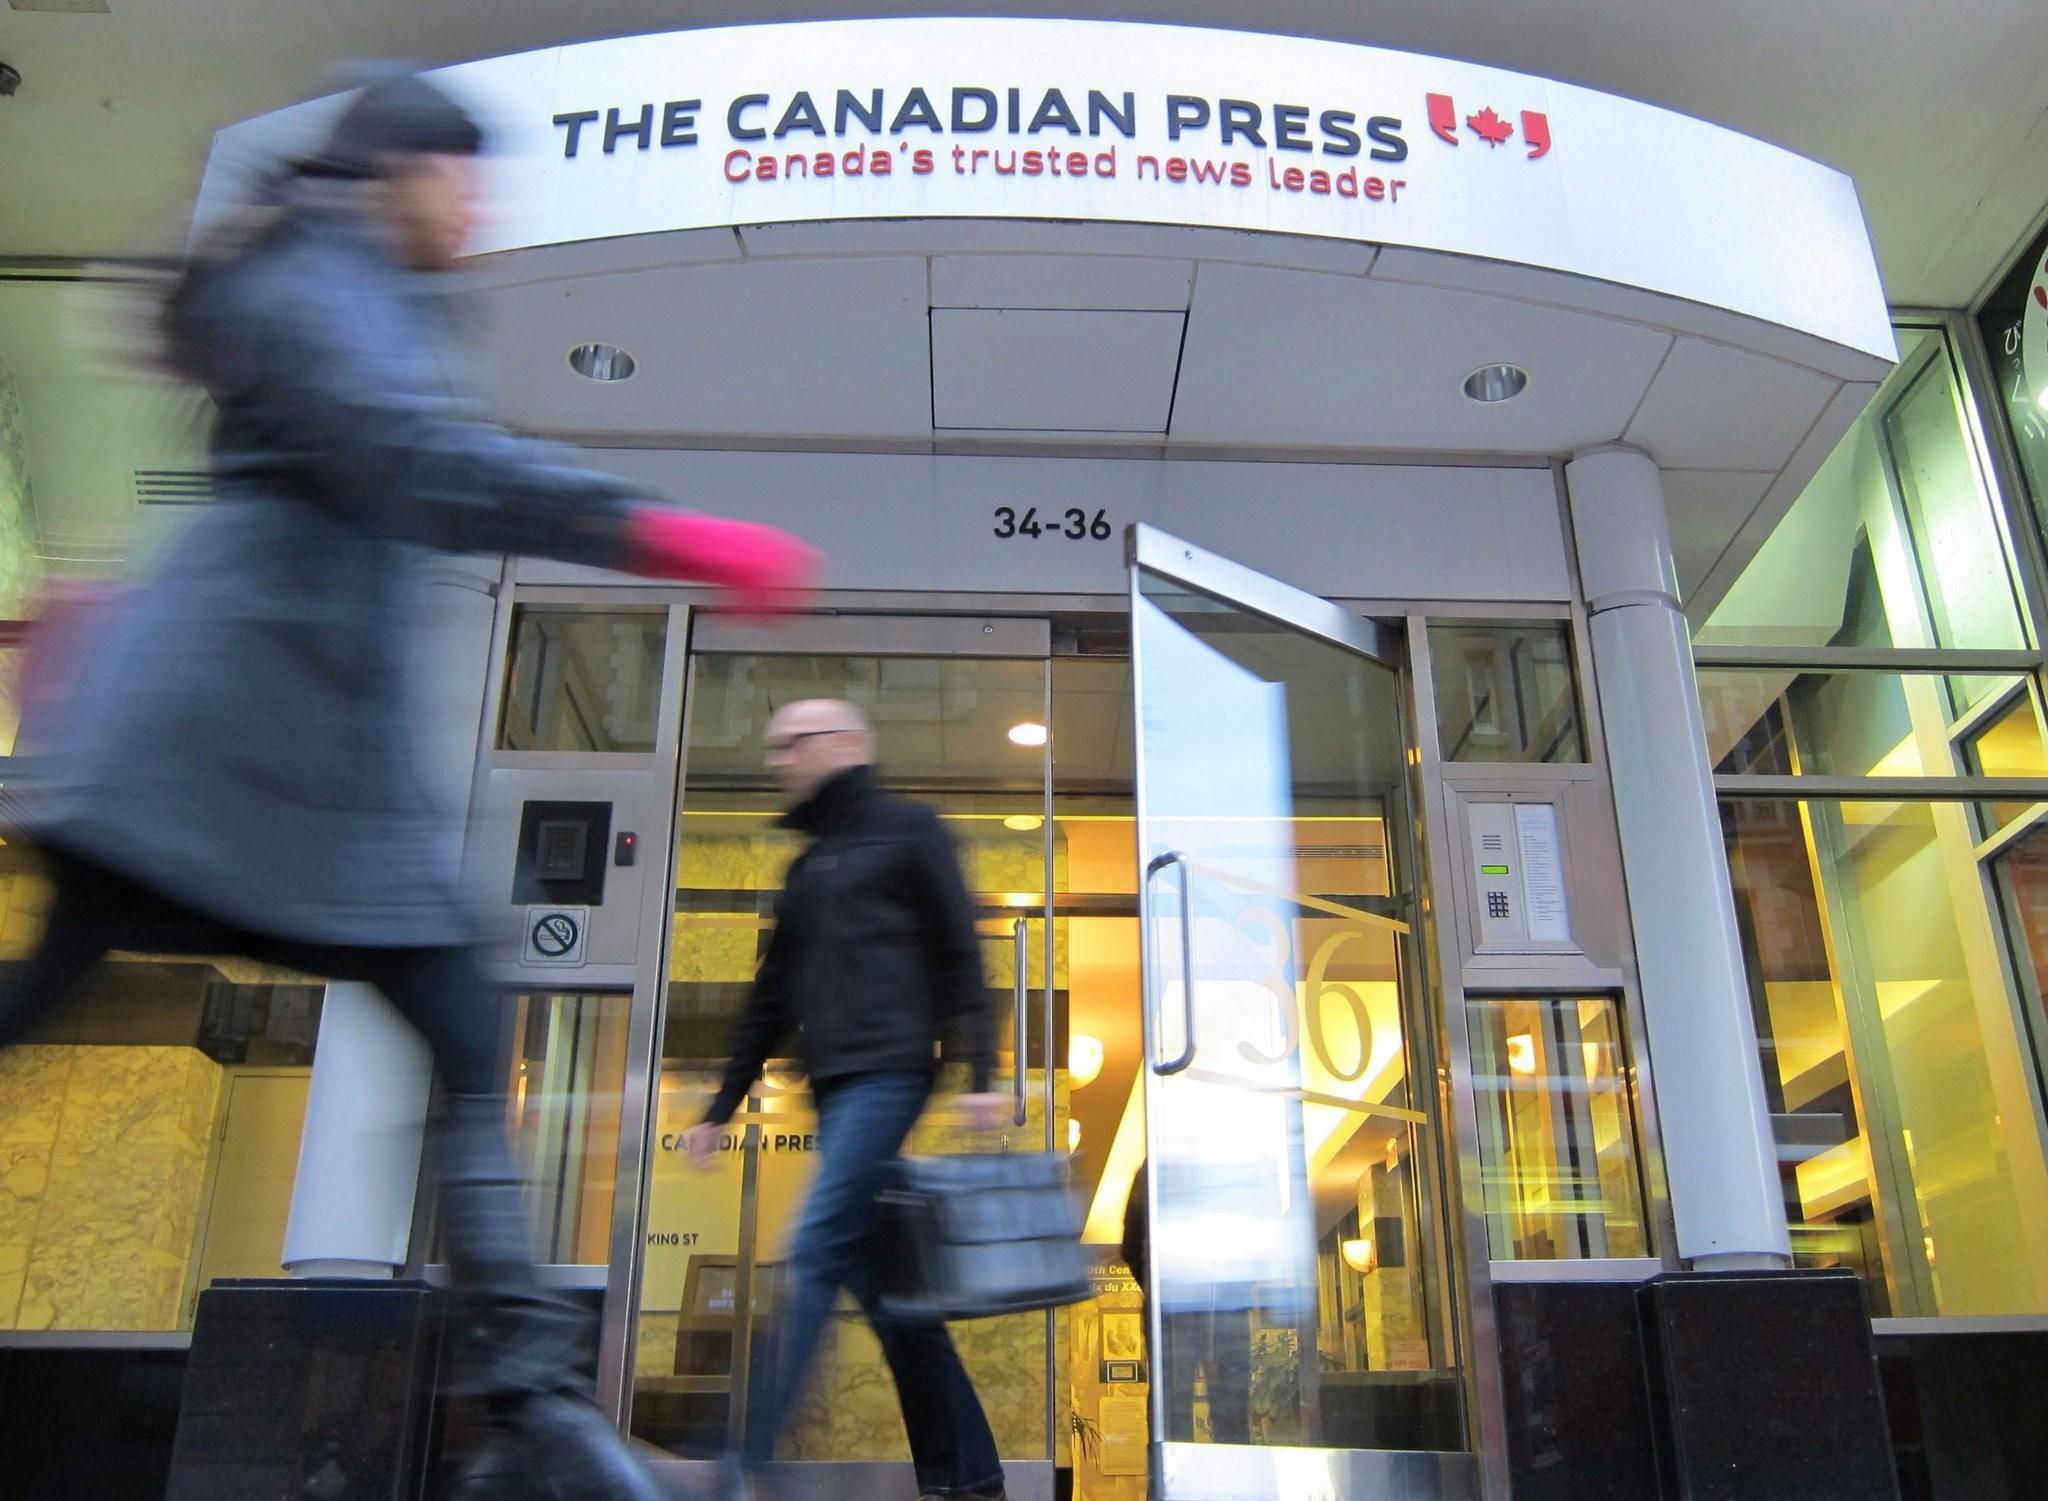 CP's Toronto headquarters